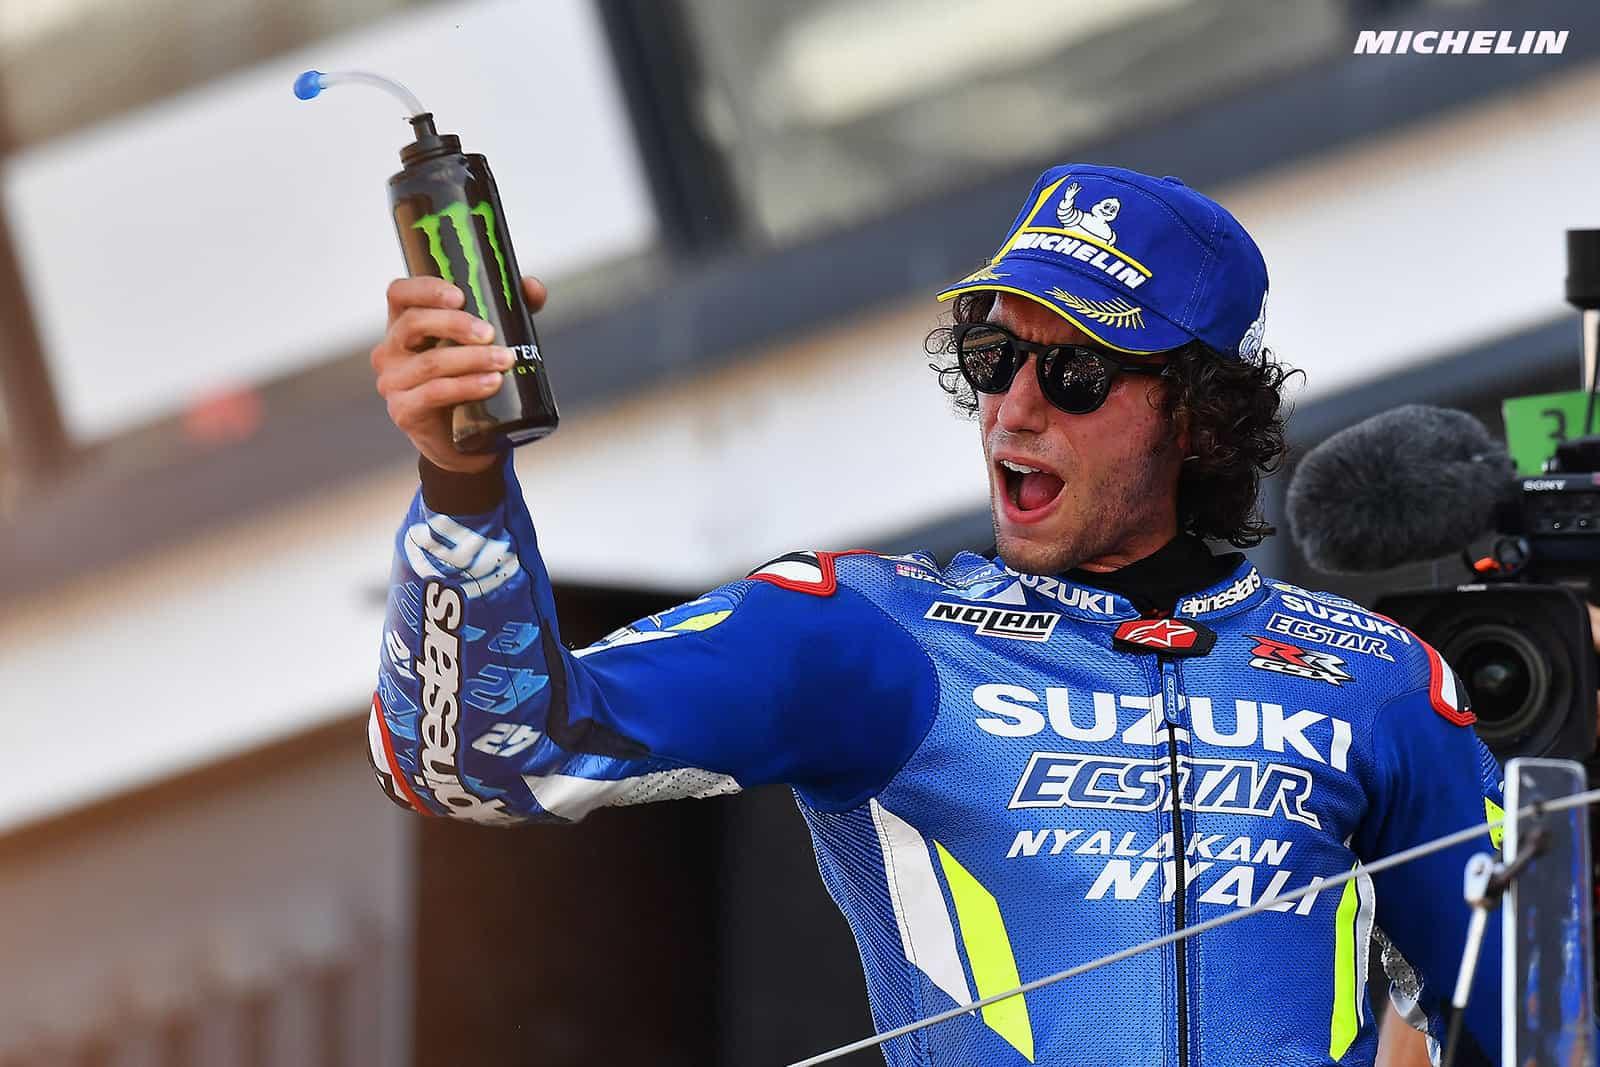 MotoGP2019イギリスGP 優勝リンス「マルクの前で走って弱点を見せたくなかった」